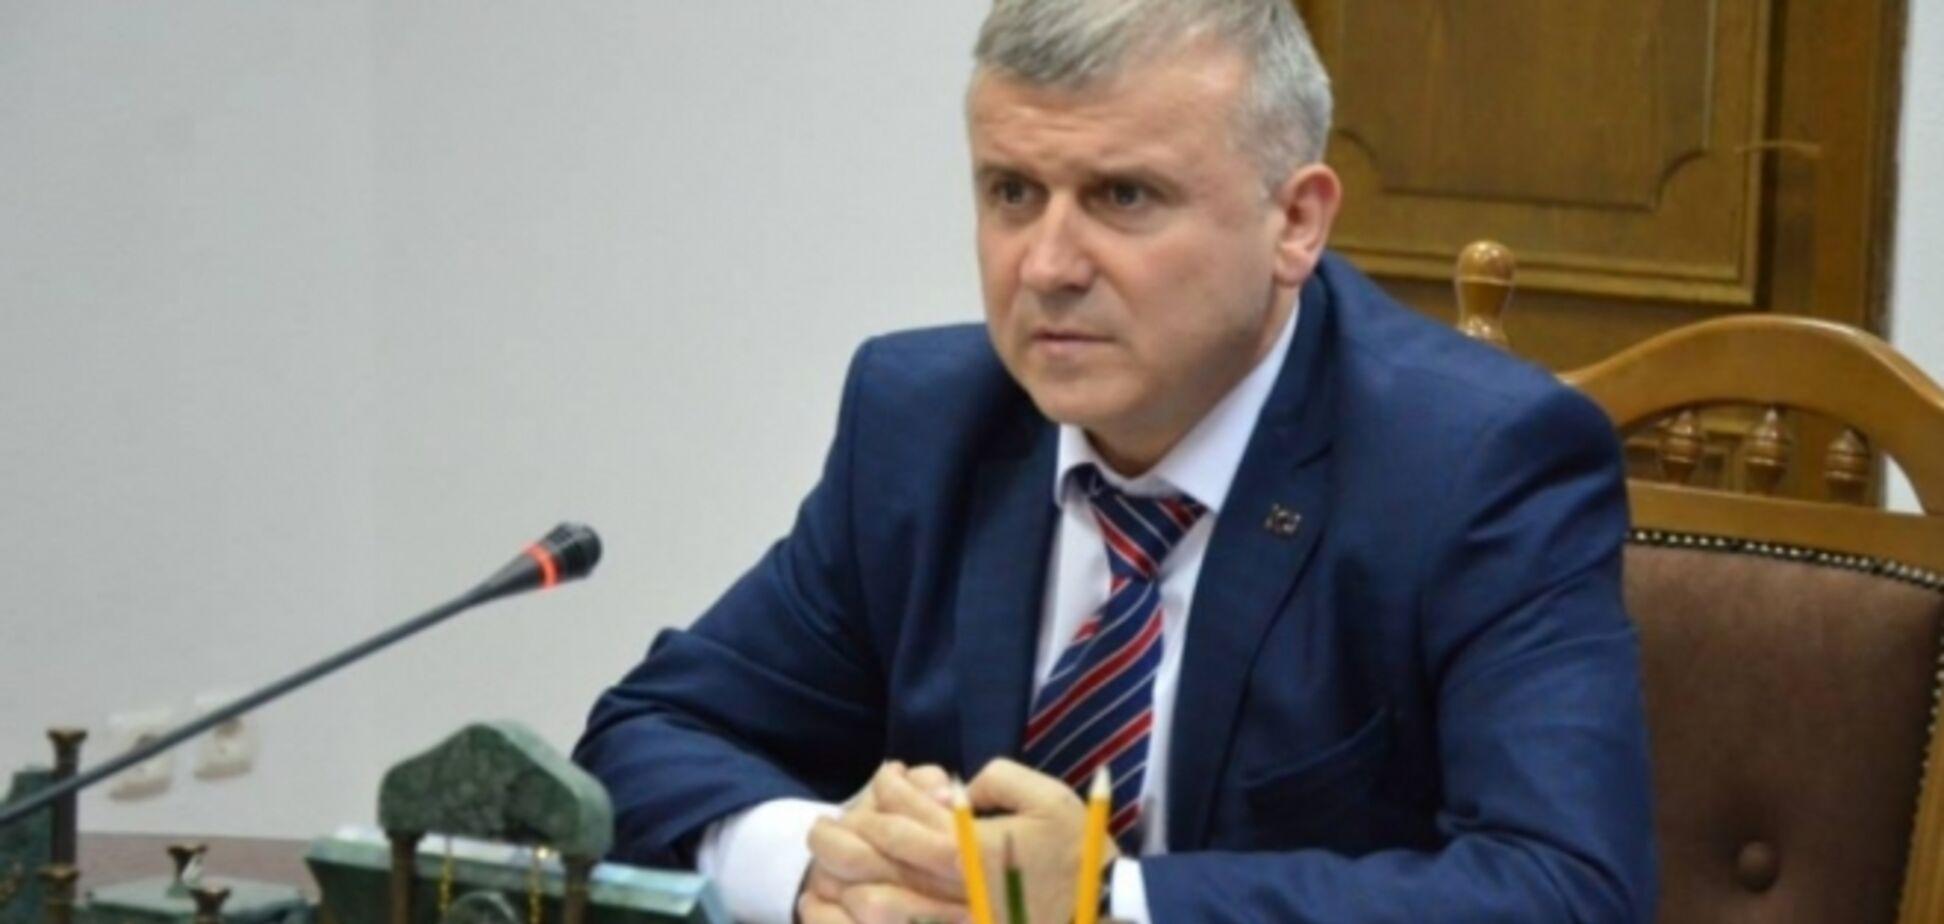 Заместитель генпрокурора Голомша опротестует свою 'люстрацию' в суде